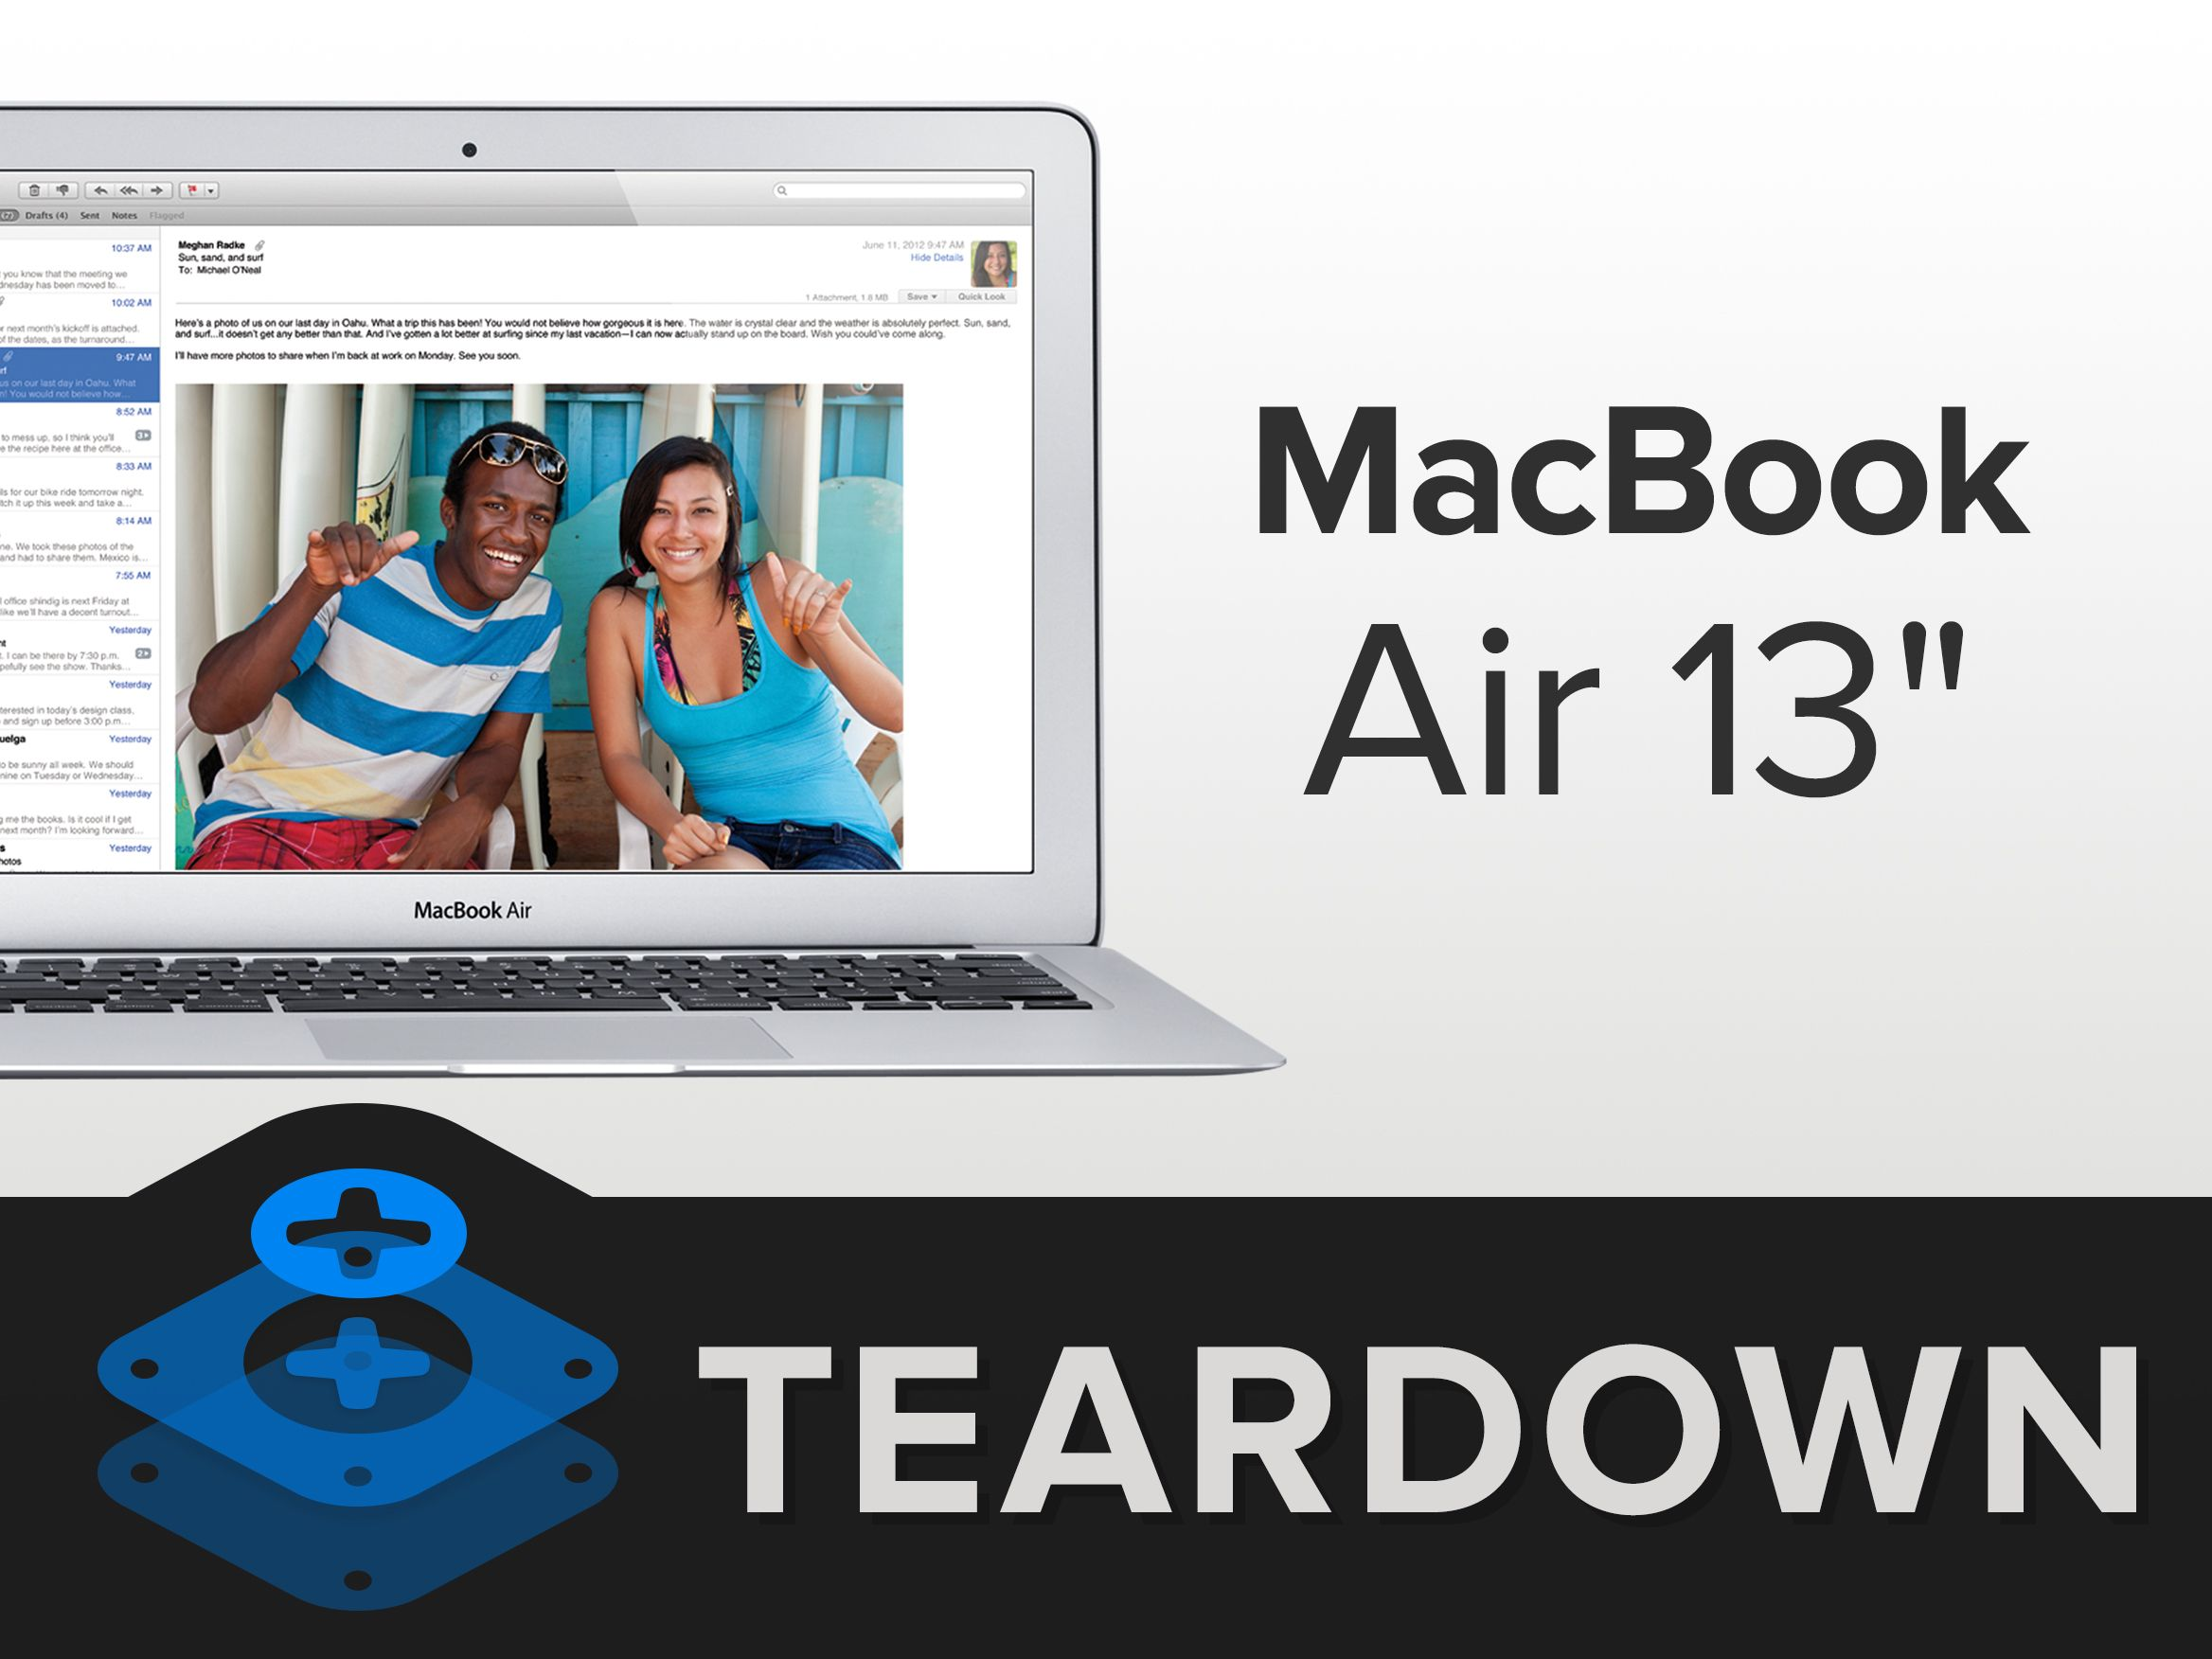 Macbook Air 13 Early 2015 Teardown Macbook Air 13 Macbook Macbook Air